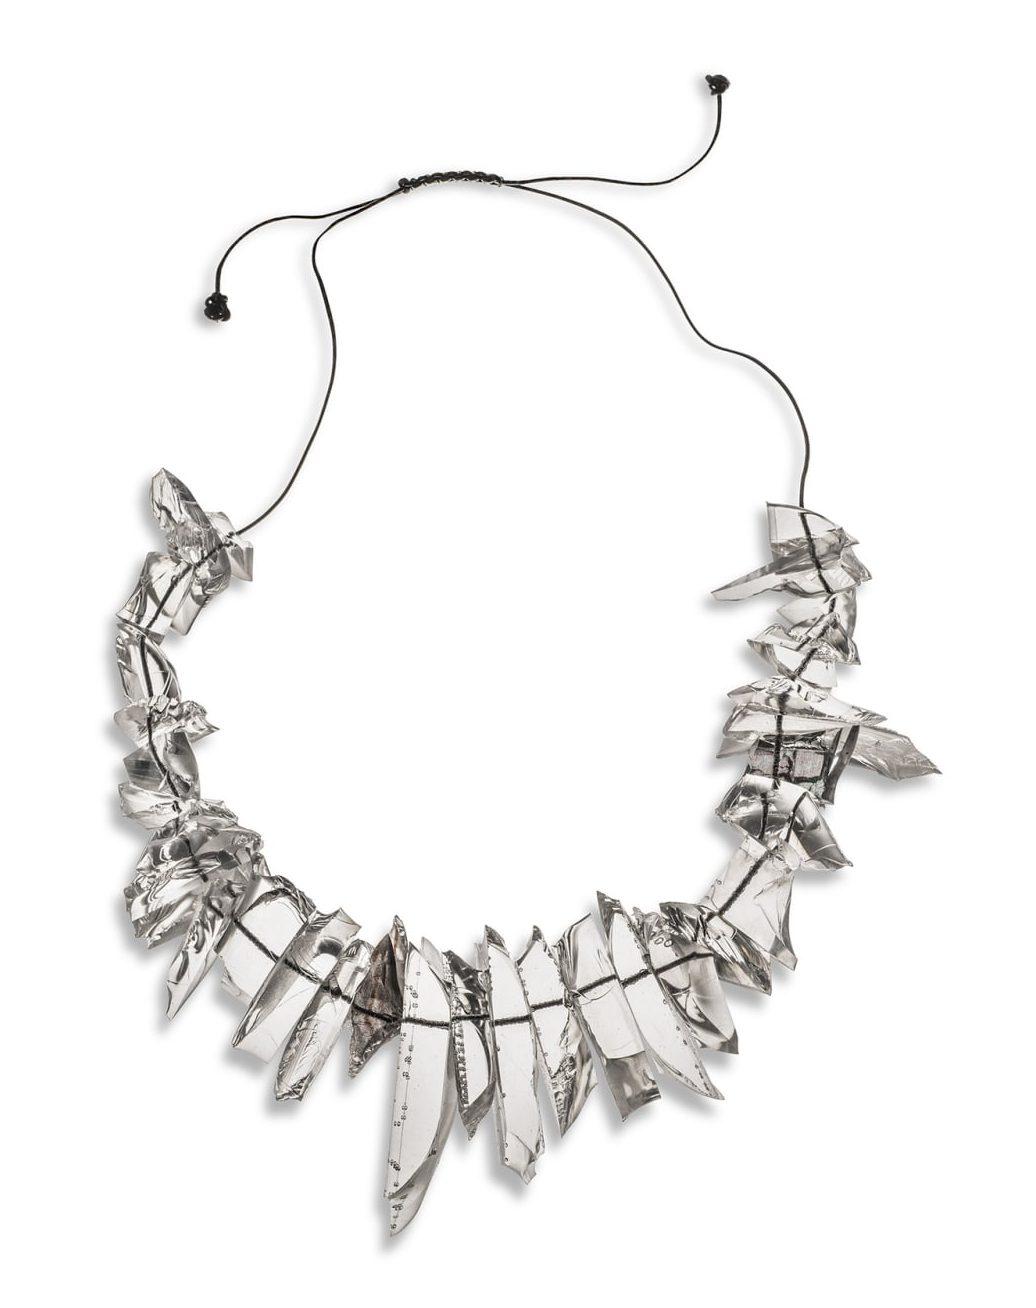 Ron Arad, Rocks Necklace, halssieraad, 2016, zijde, silicone